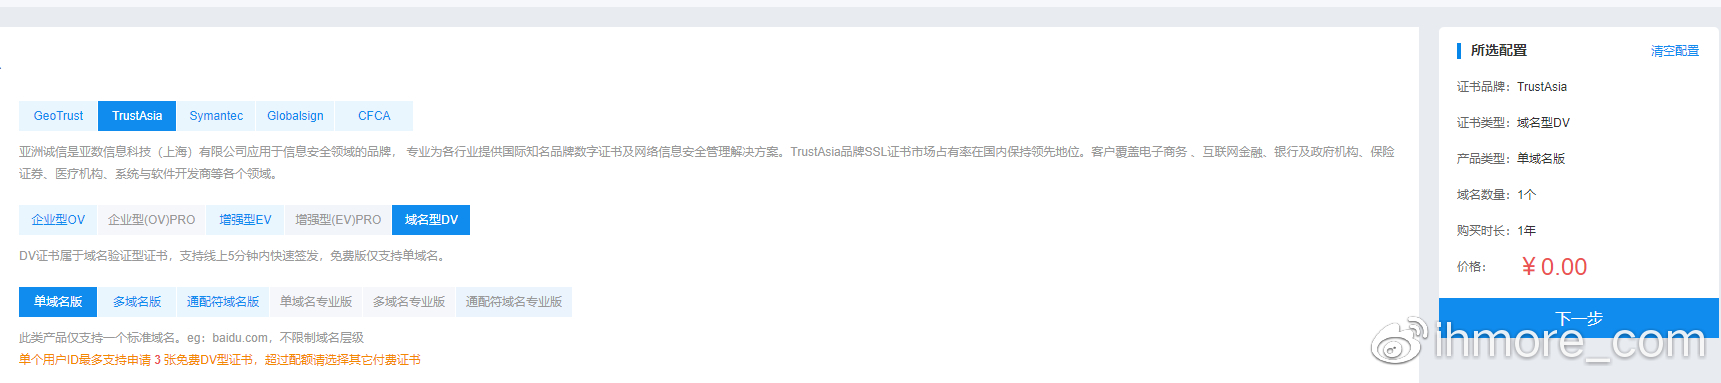 申请ssl证书.jpg